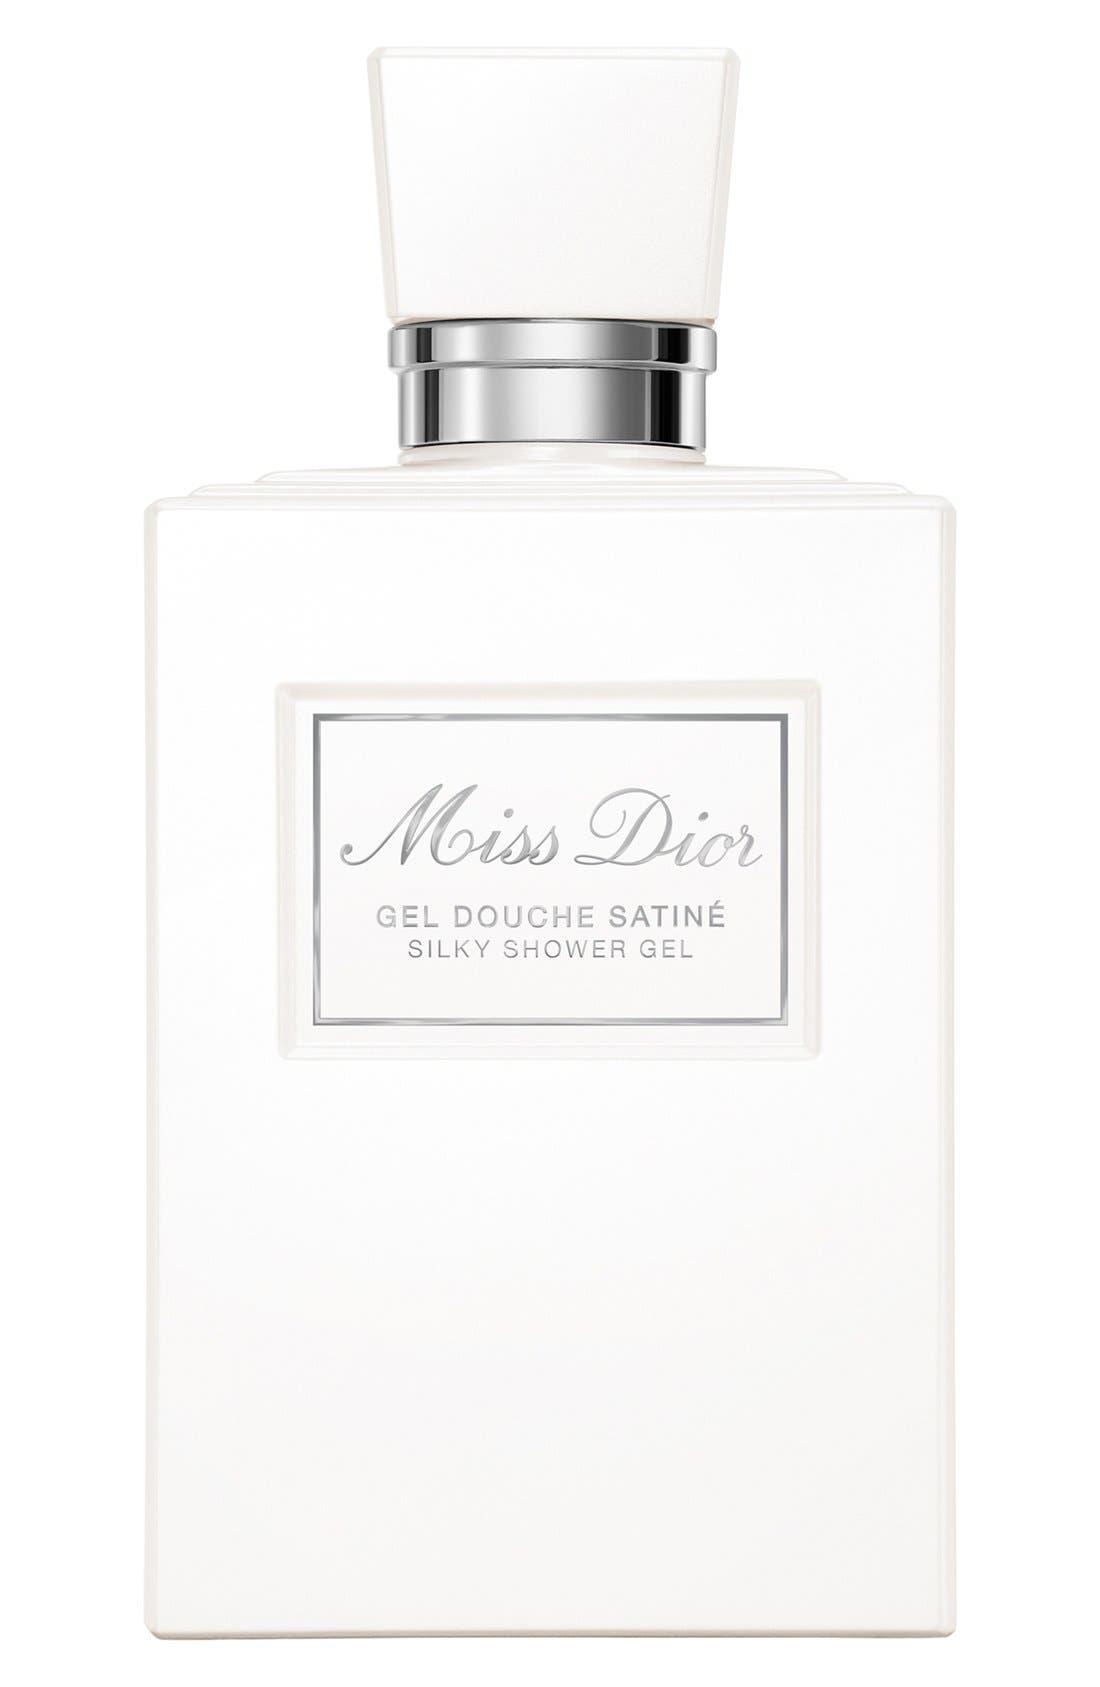 Dior 'Miss Dior' Silky Shower Gel